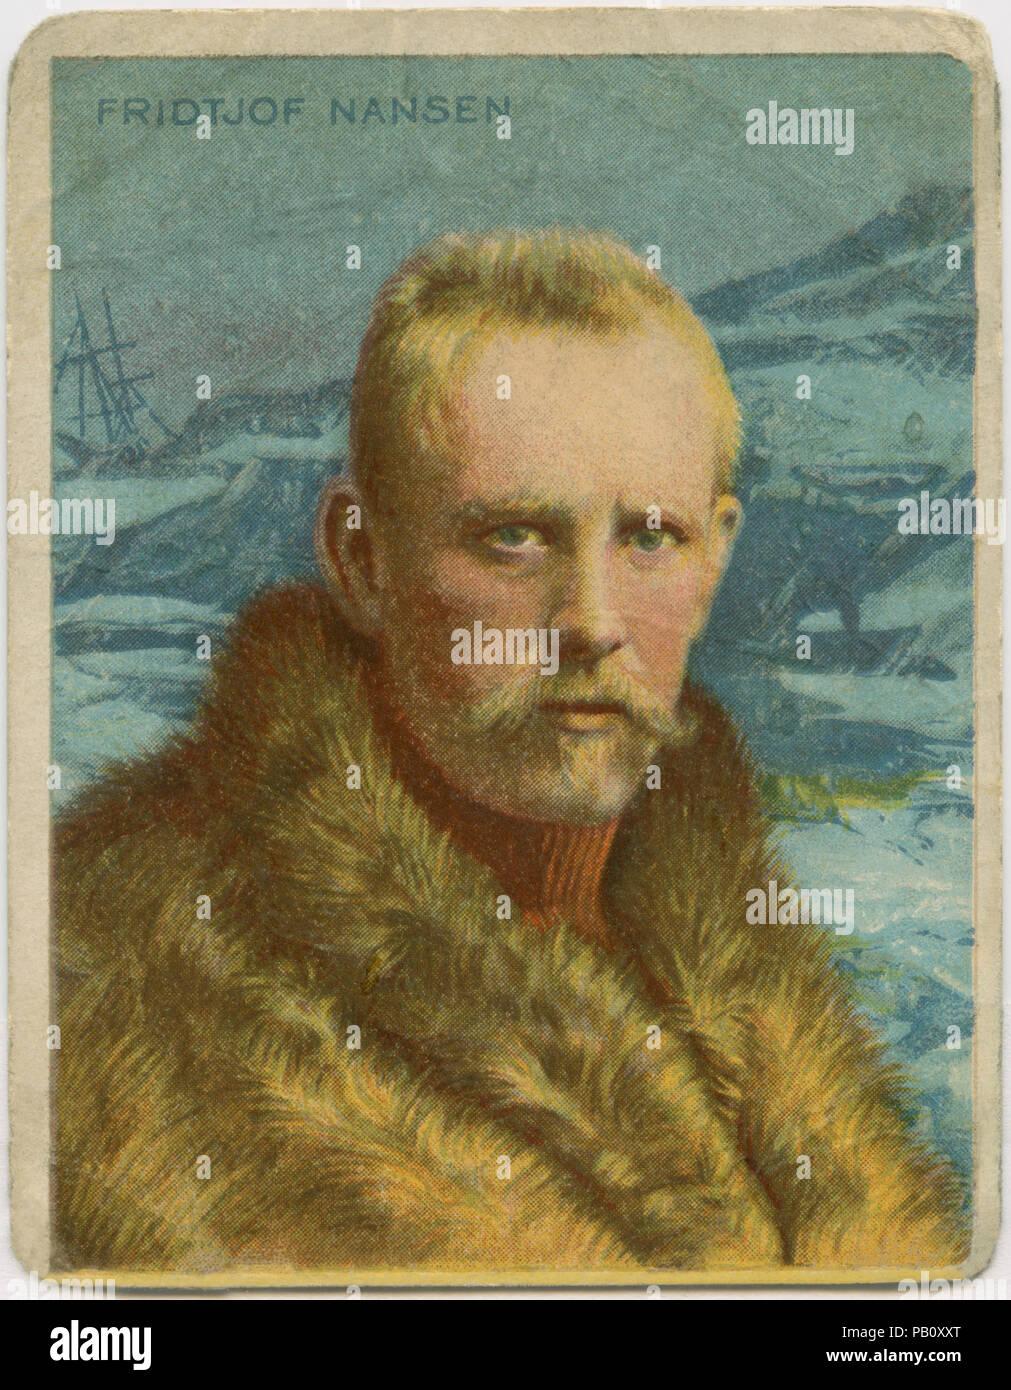 Fridtjof Nansen (1861-1930), Norwegische Forscher, Diplomat, der humanitären Hilfe und der Empfänger der Nobelpreis für den Frieden 1922, Porträt, 1890 Stockbild